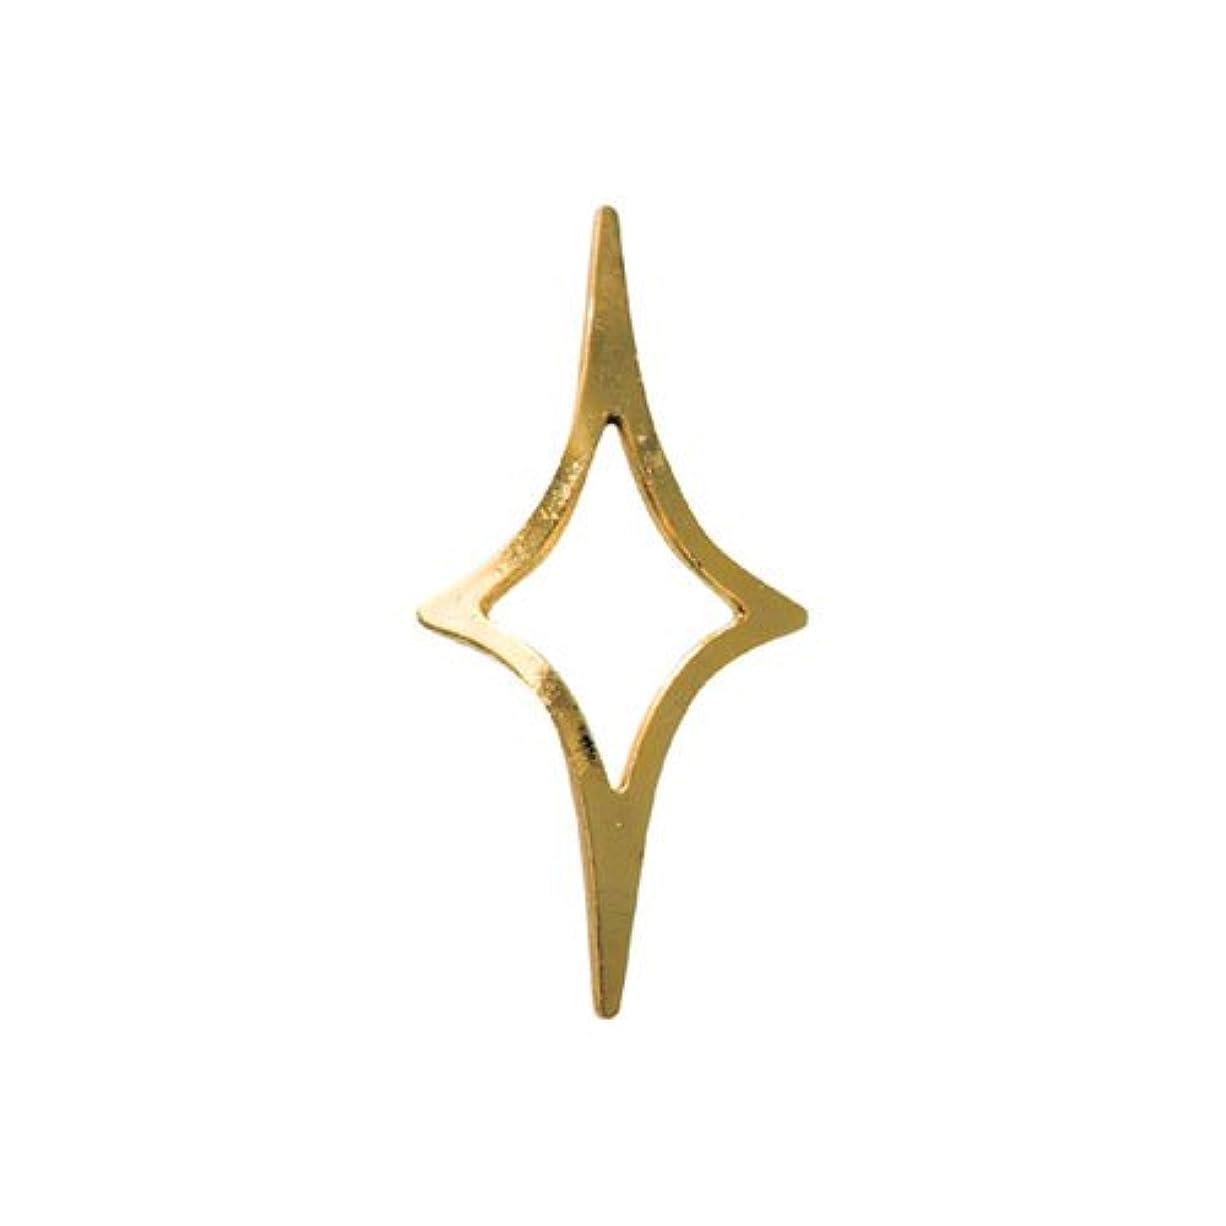 鯨平方狐リトルプリティー ネイルアートパーツ キラキラ2 3S ゴールド 20個